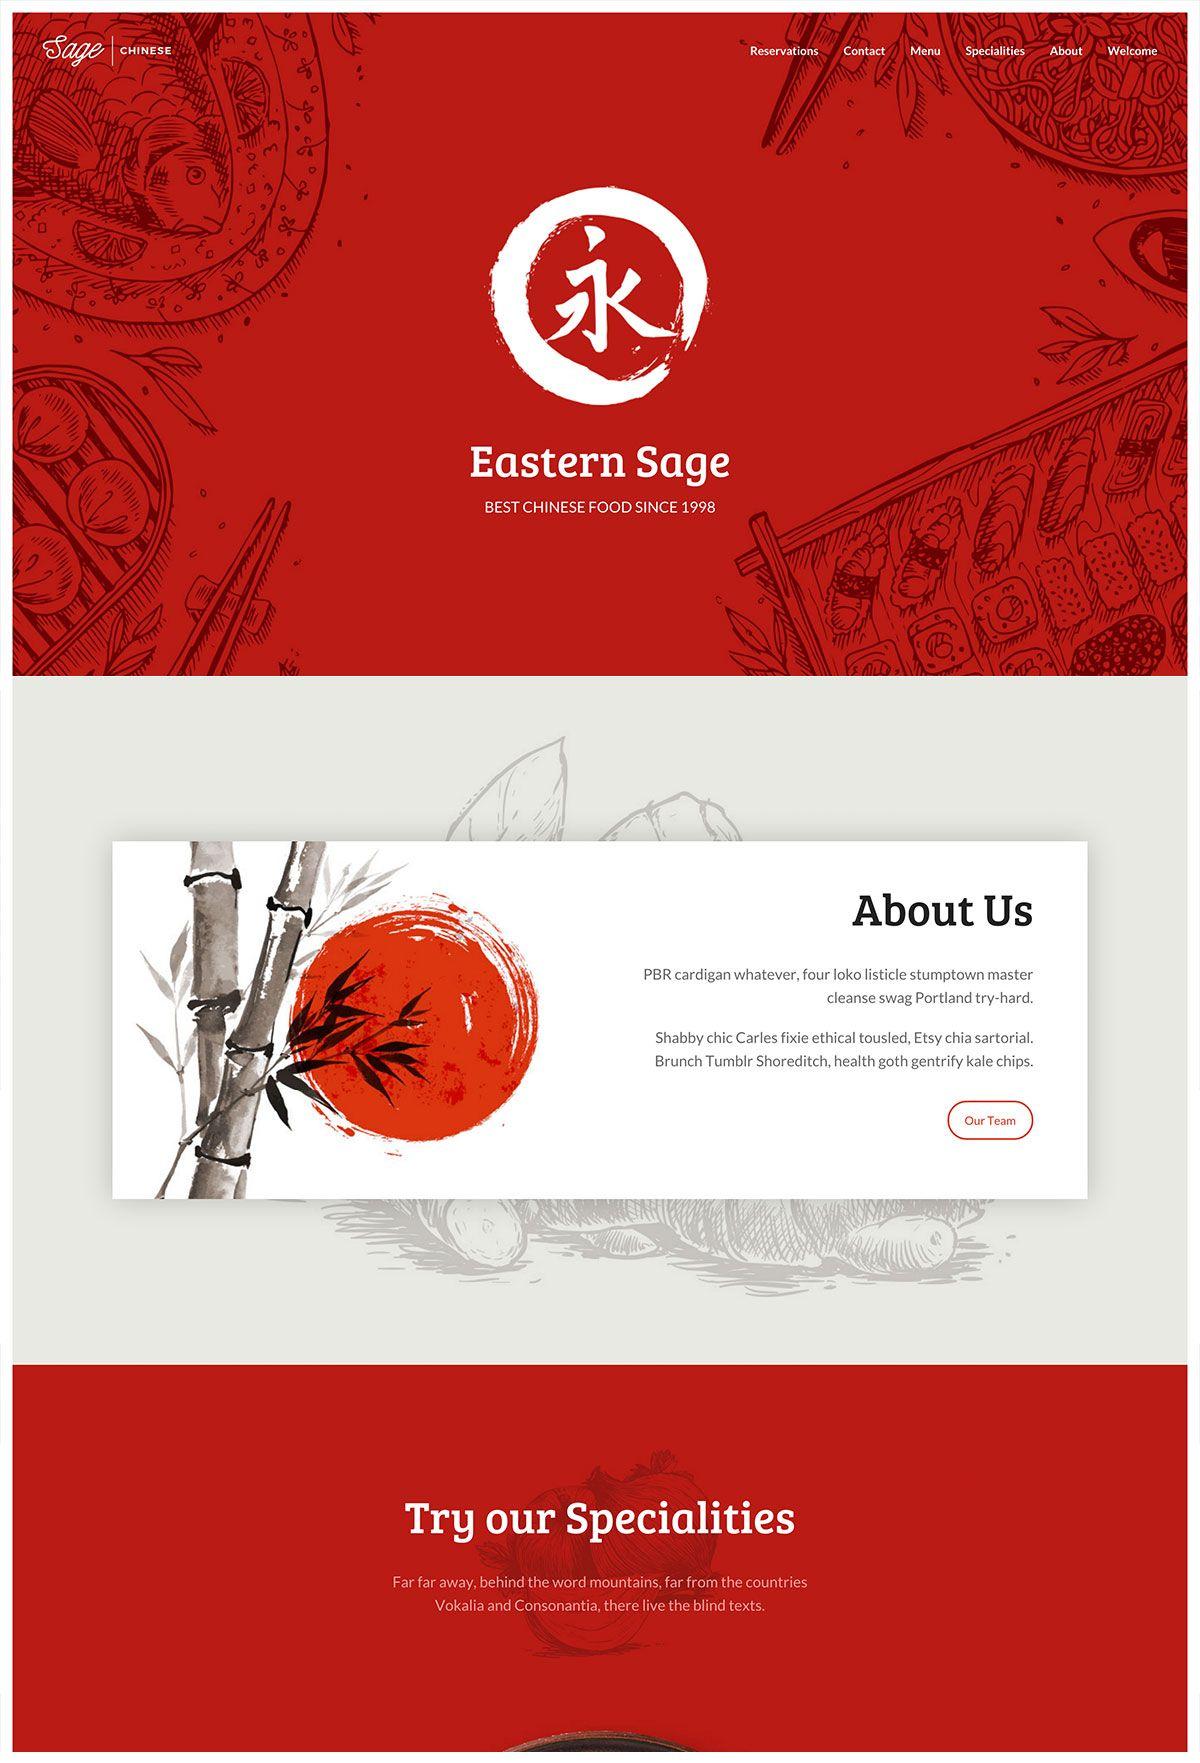 Ed Website Design